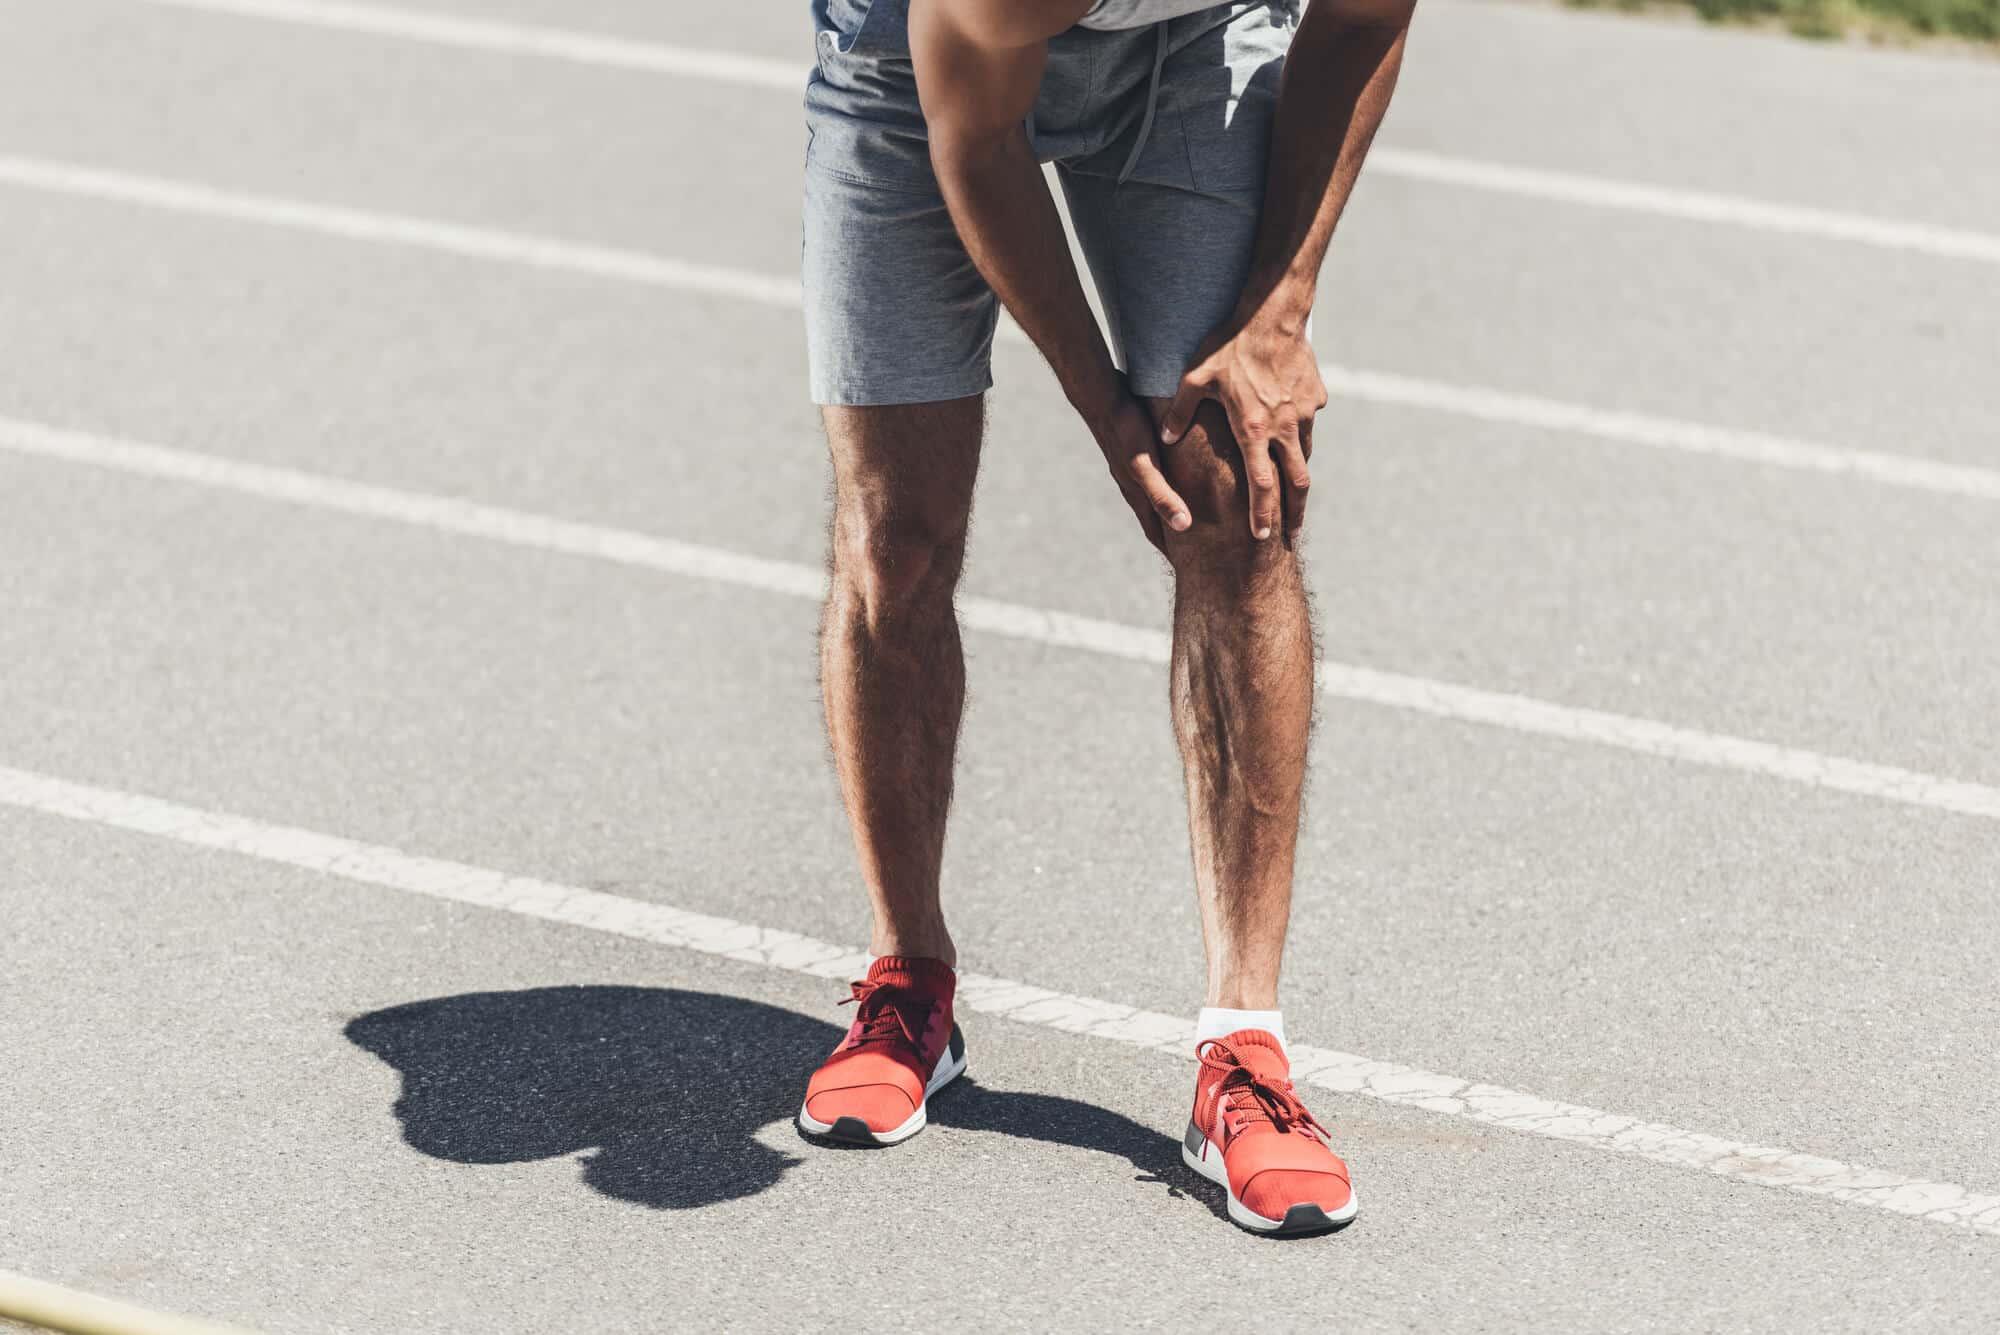 Conheça as principais lesões causadas pelos exercícios físicos